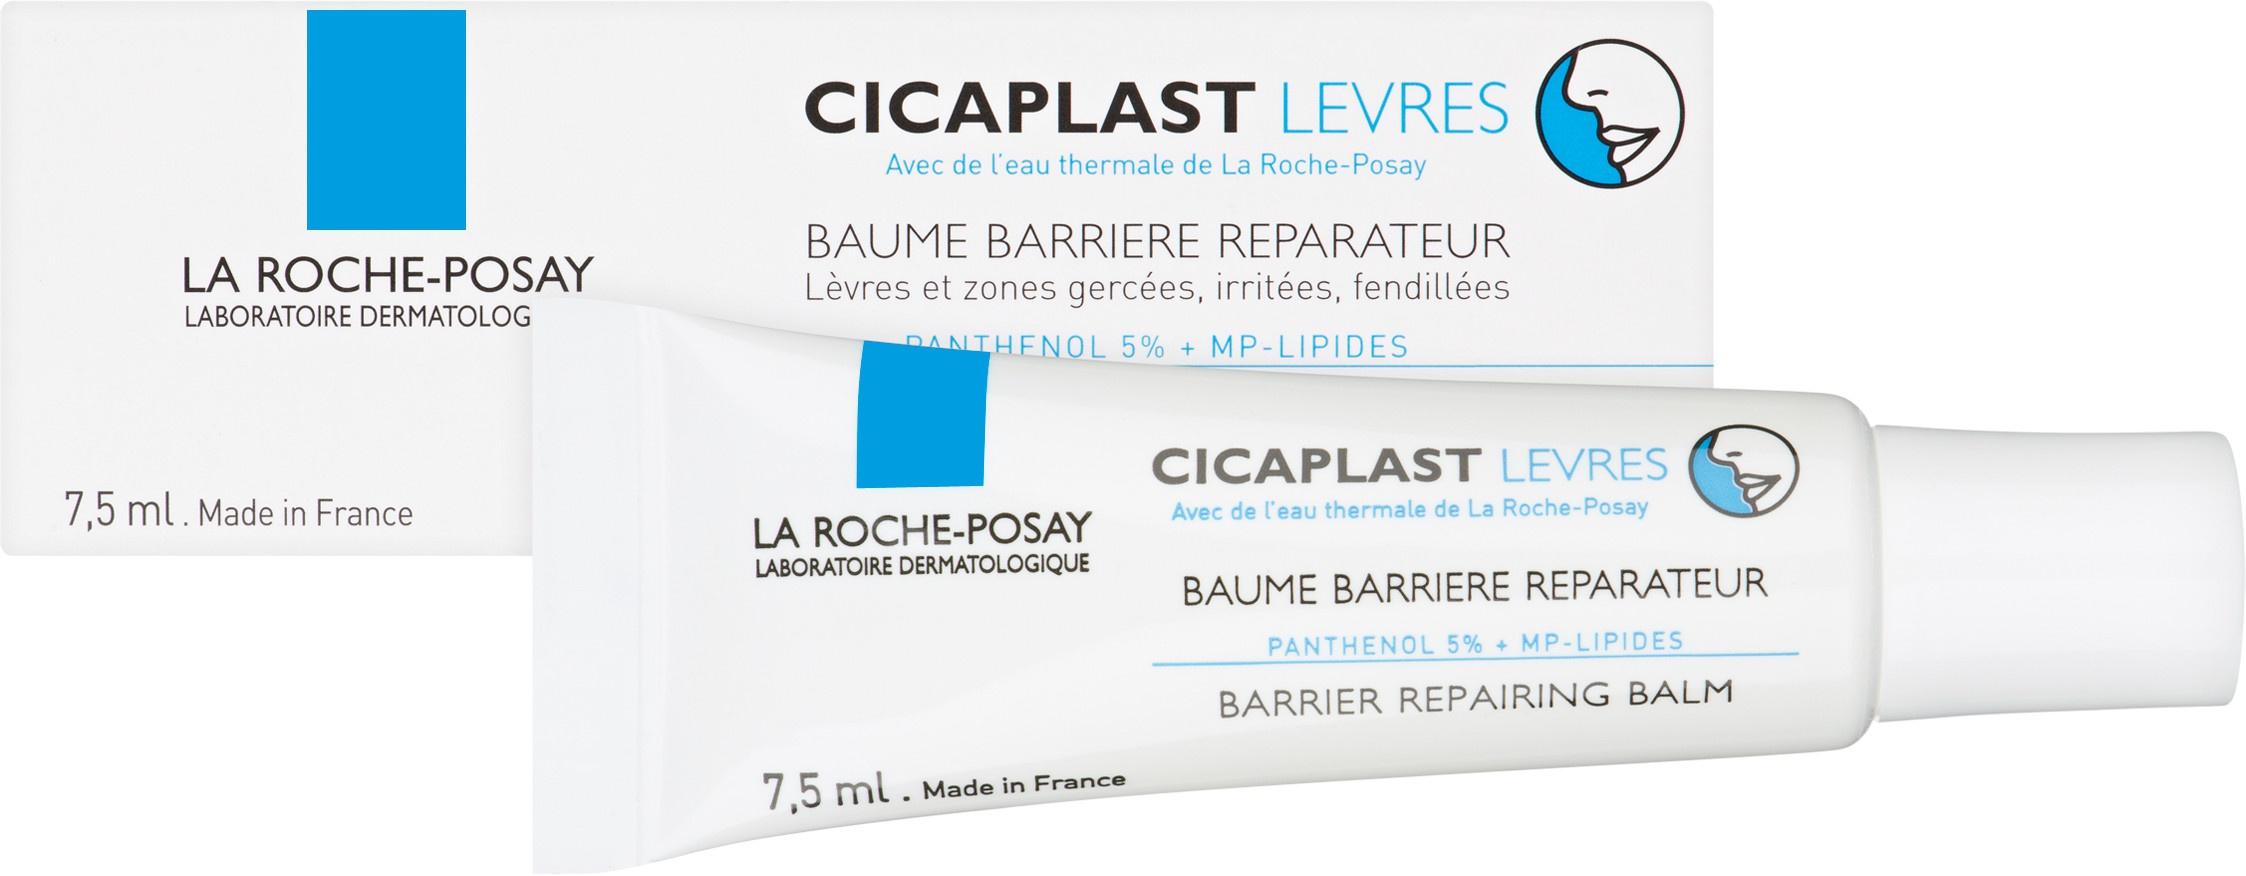 La Roche-Posay Cicaplast Levres